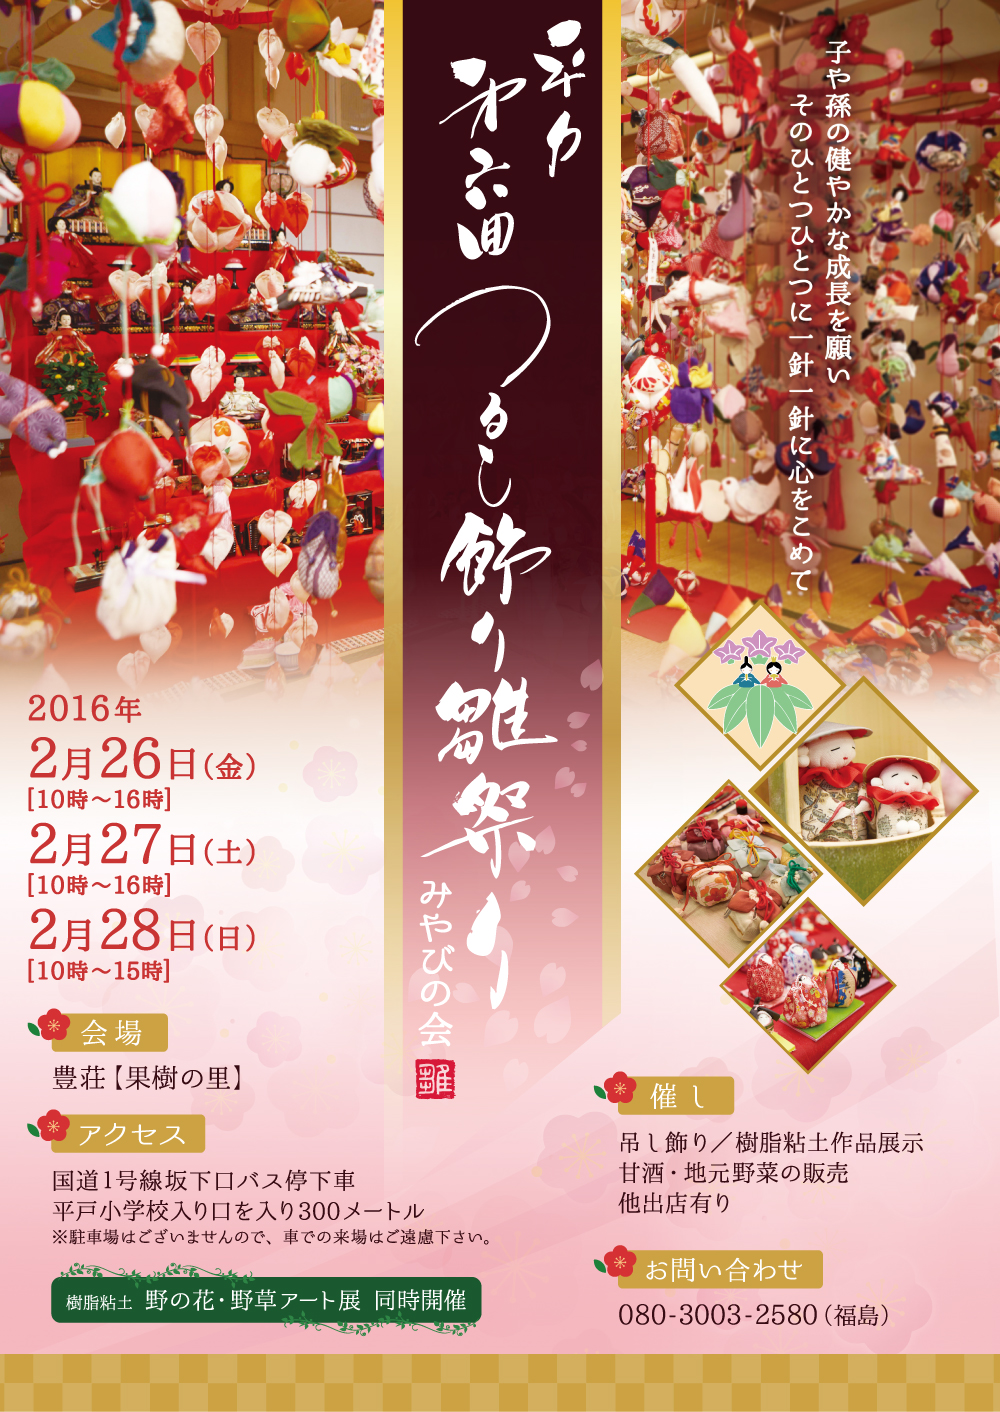 第6回 平戸吊るし飾り雛祭り(同時開催:樹脂粘土 野の花・野草アート展)